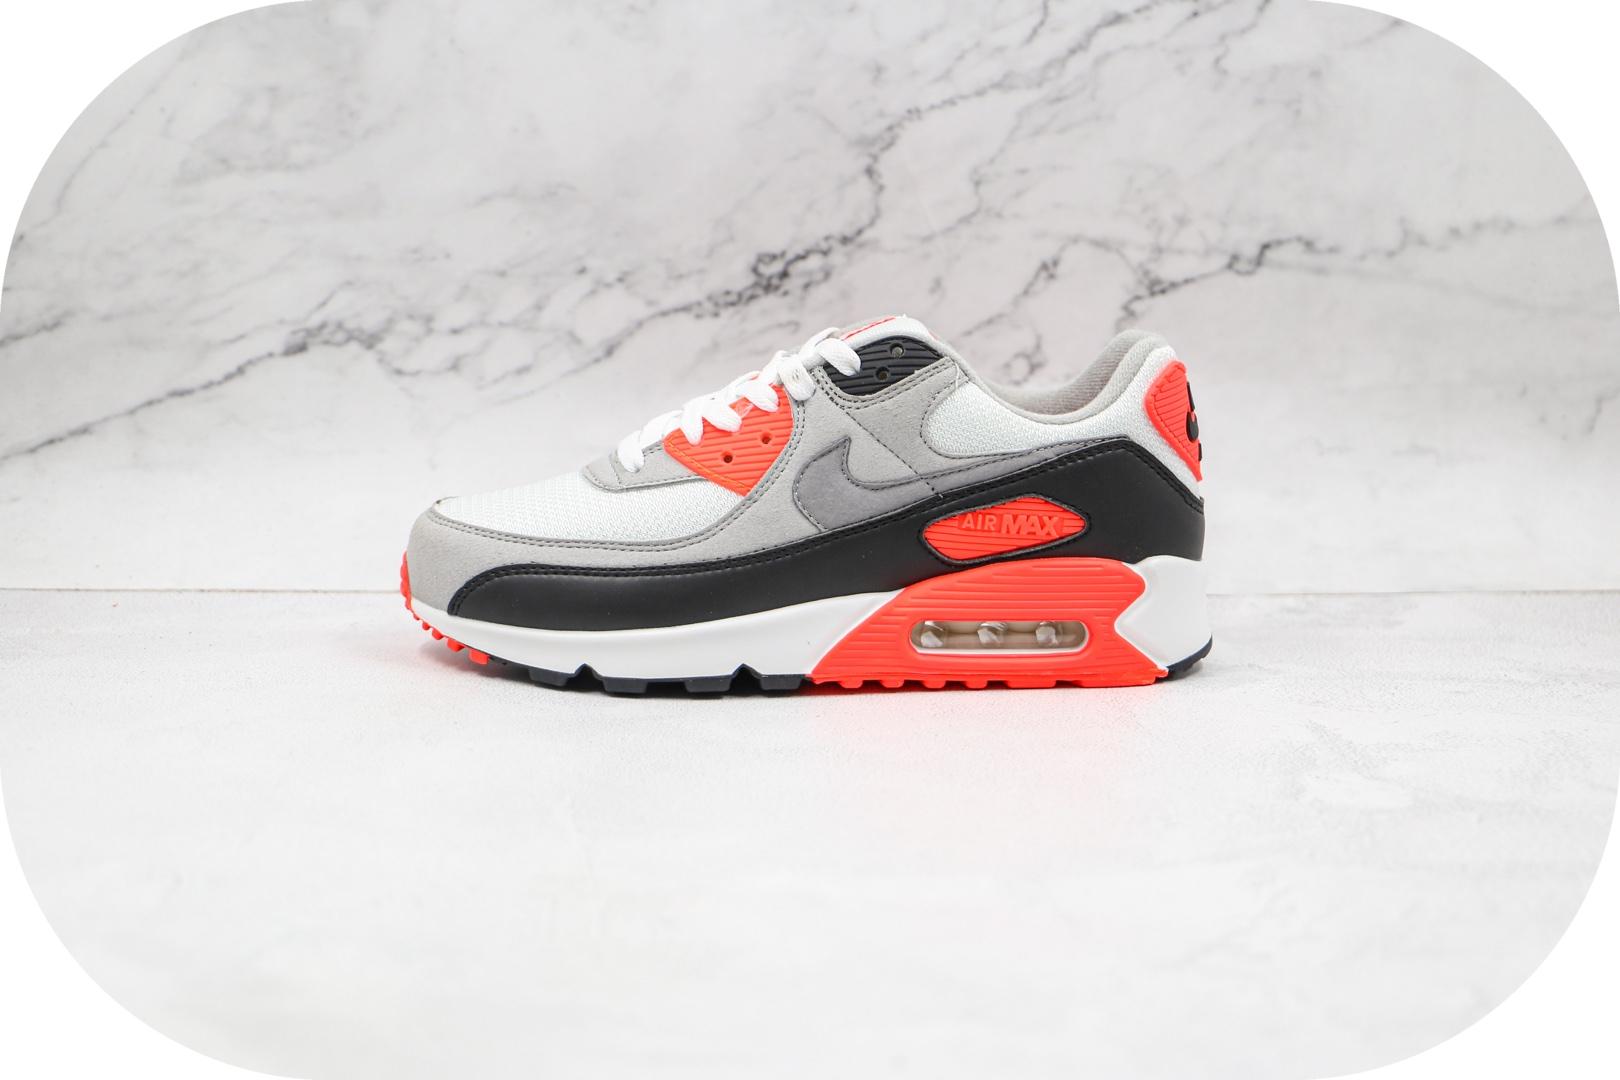 耐克Nike Air Max 90 Infrared纯原版本元年红外线Max90灰黑红色气垫鞋原鞋开模一比一打造 货号:CT1685-100